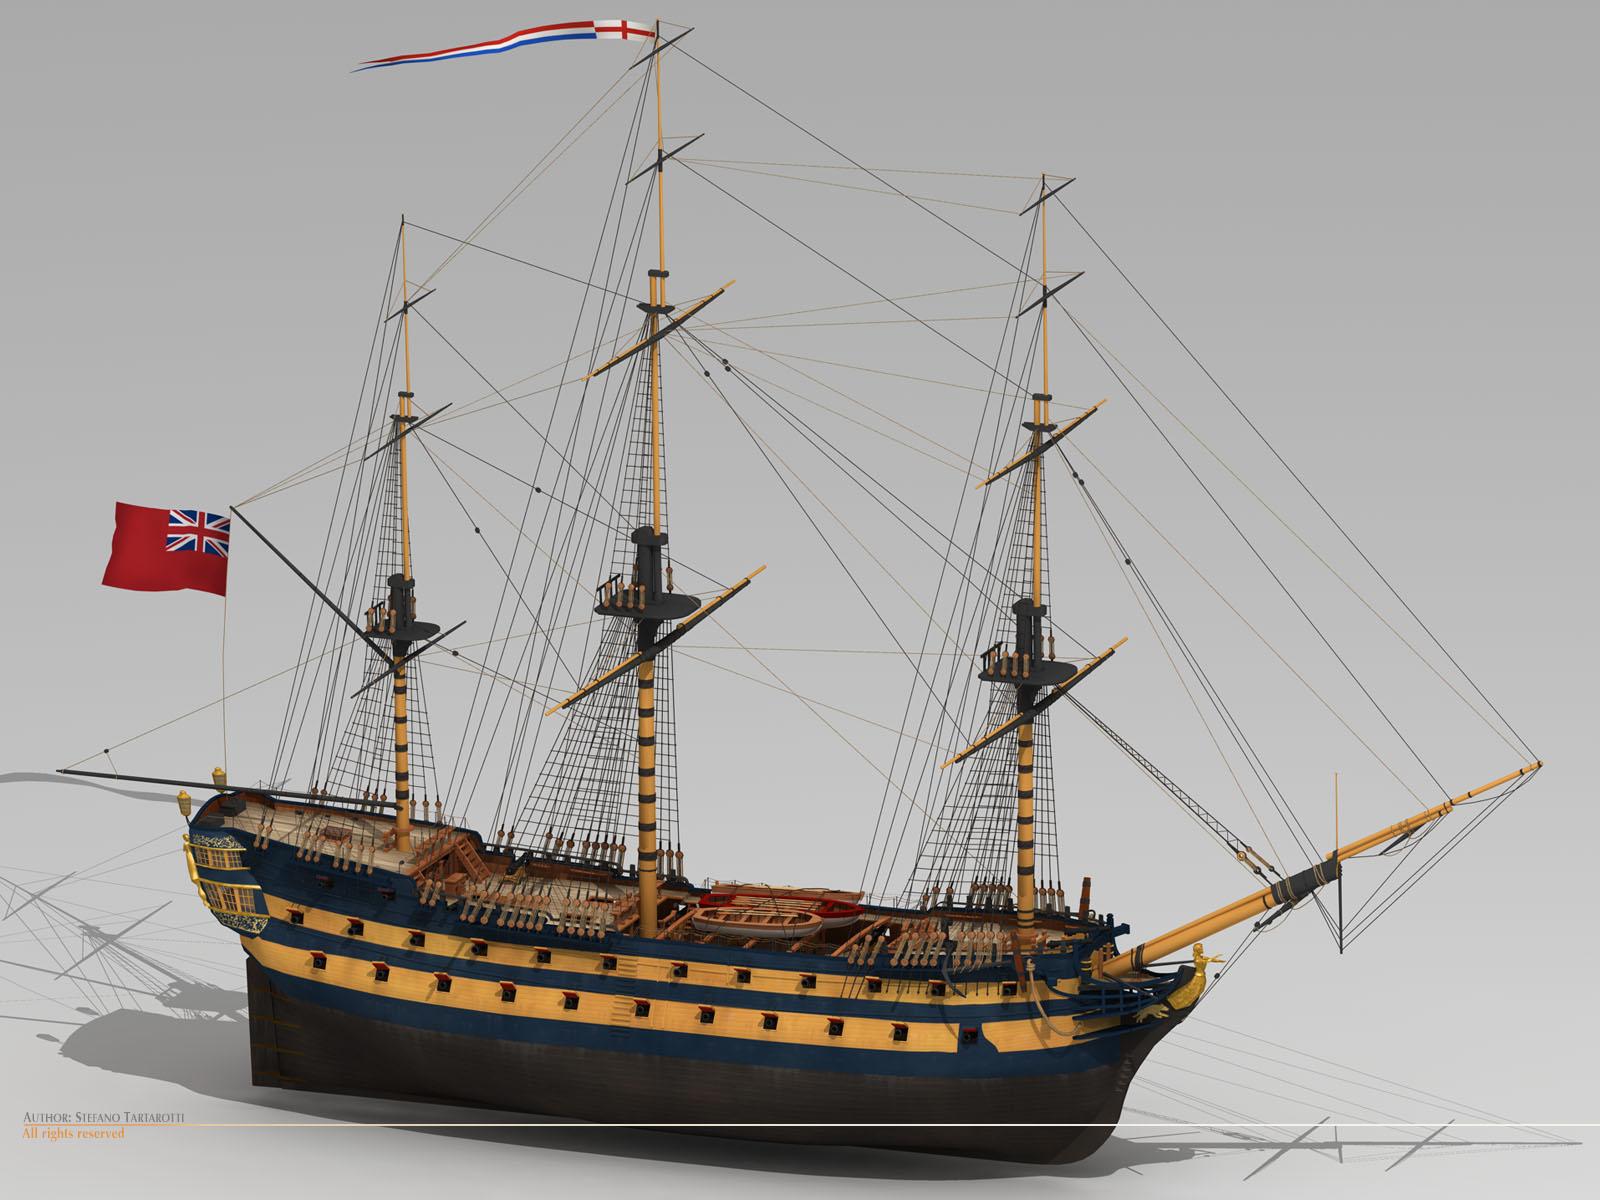 Kabinettskriege Ships In The Late Kabinettskriege Period